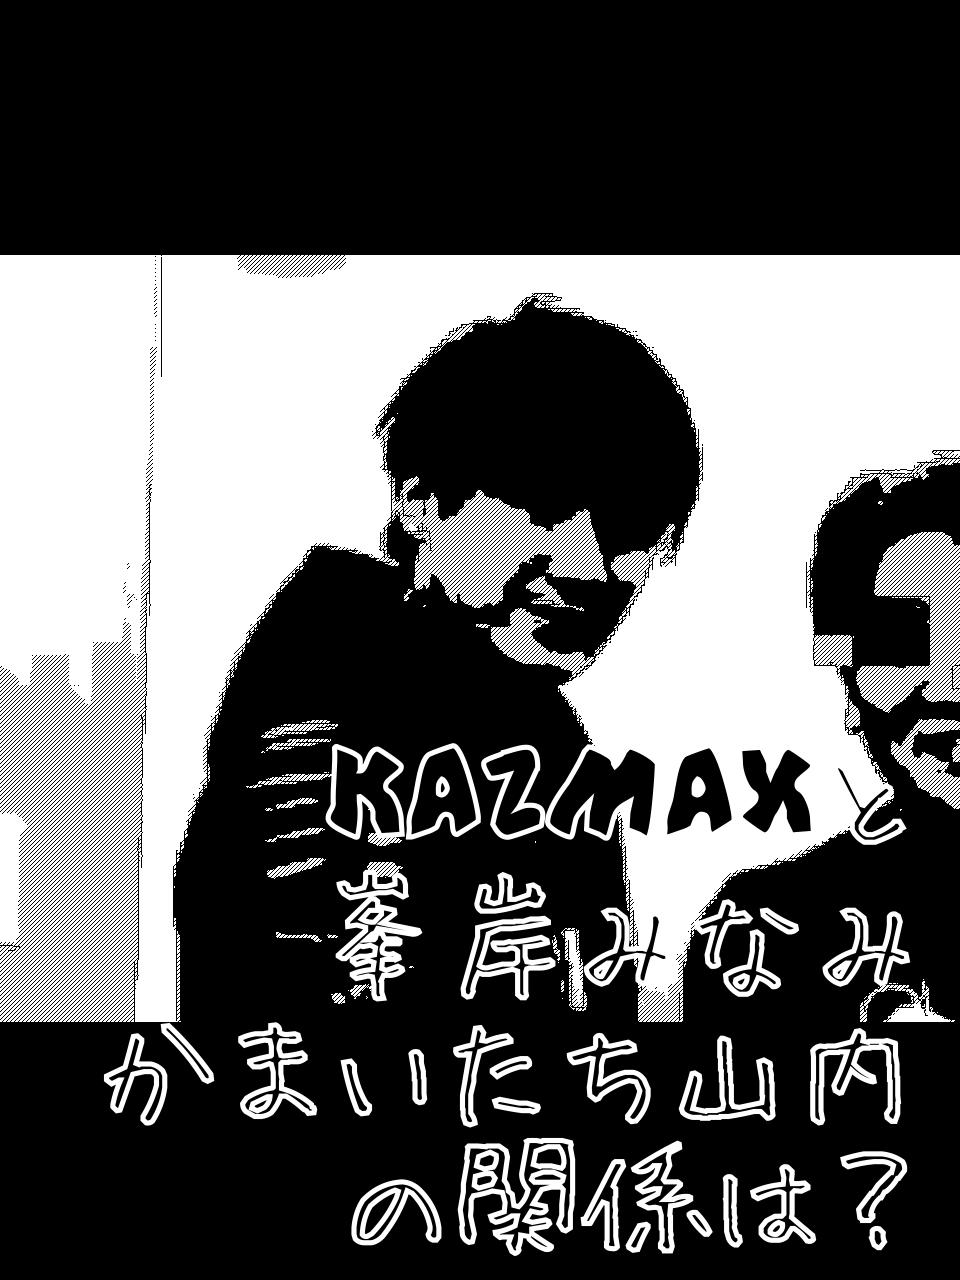 マックス 峯岸 カズ